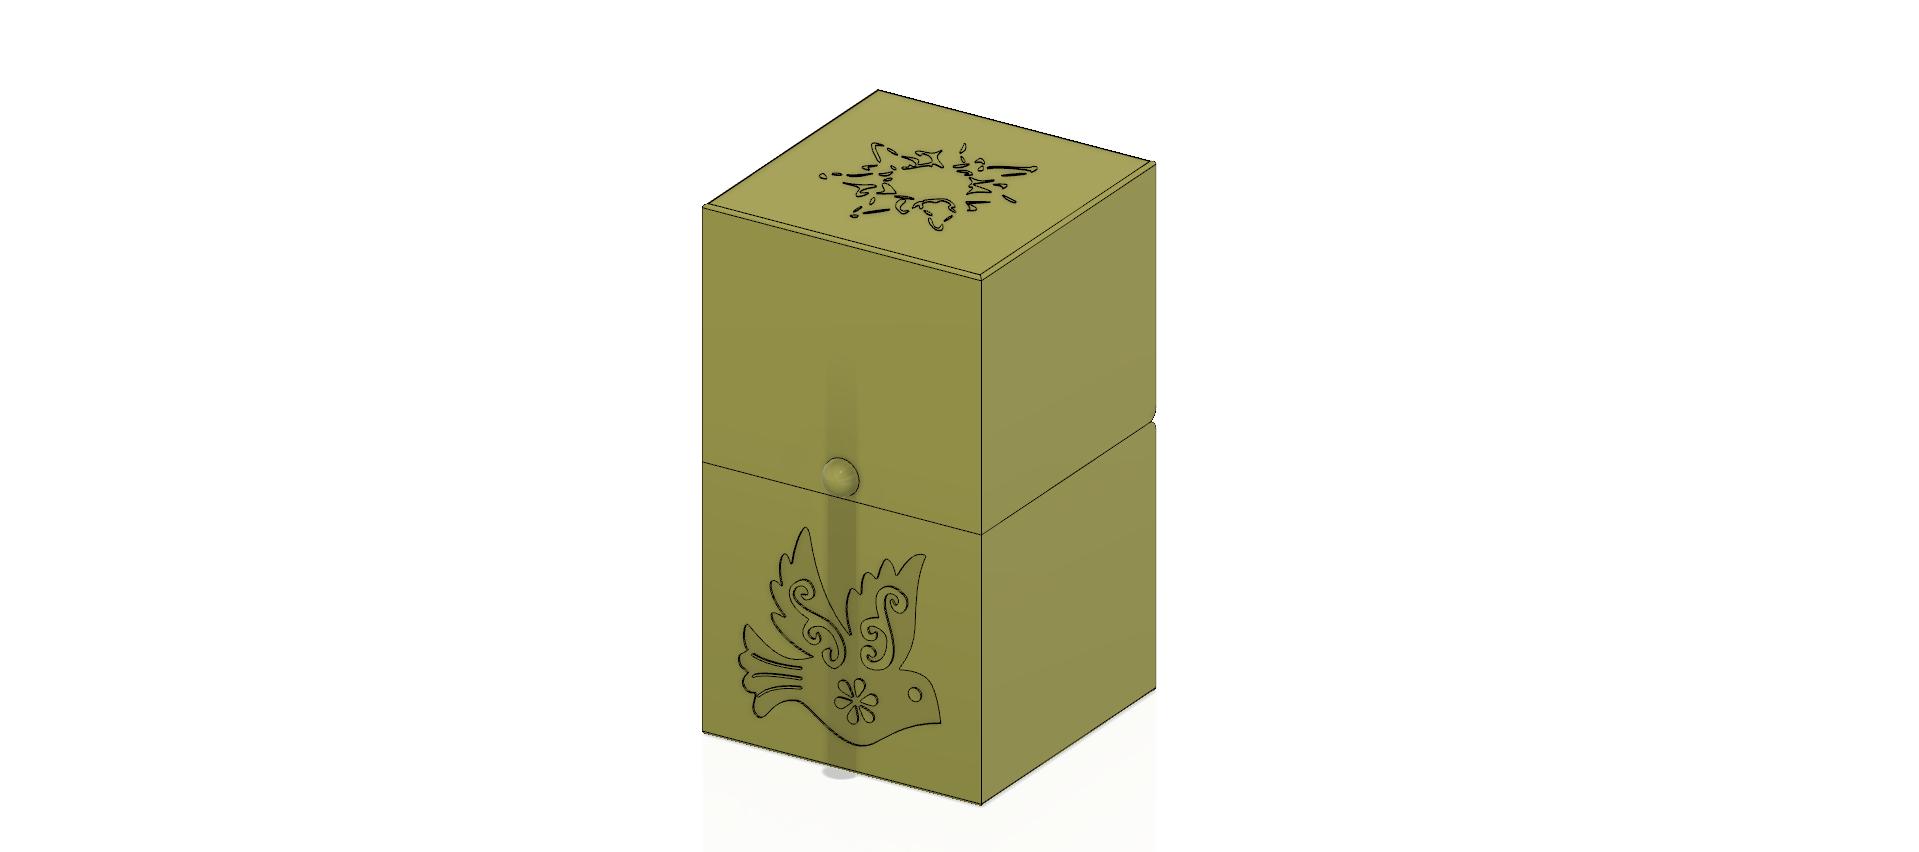 cube-02-a1 v1-02.png Descargar archivo OBJ Caja de regalo Caja secreta pequeña caja secreta Modelo de impresión en 3D • Modelo para imprimir en 3D, Dzusto